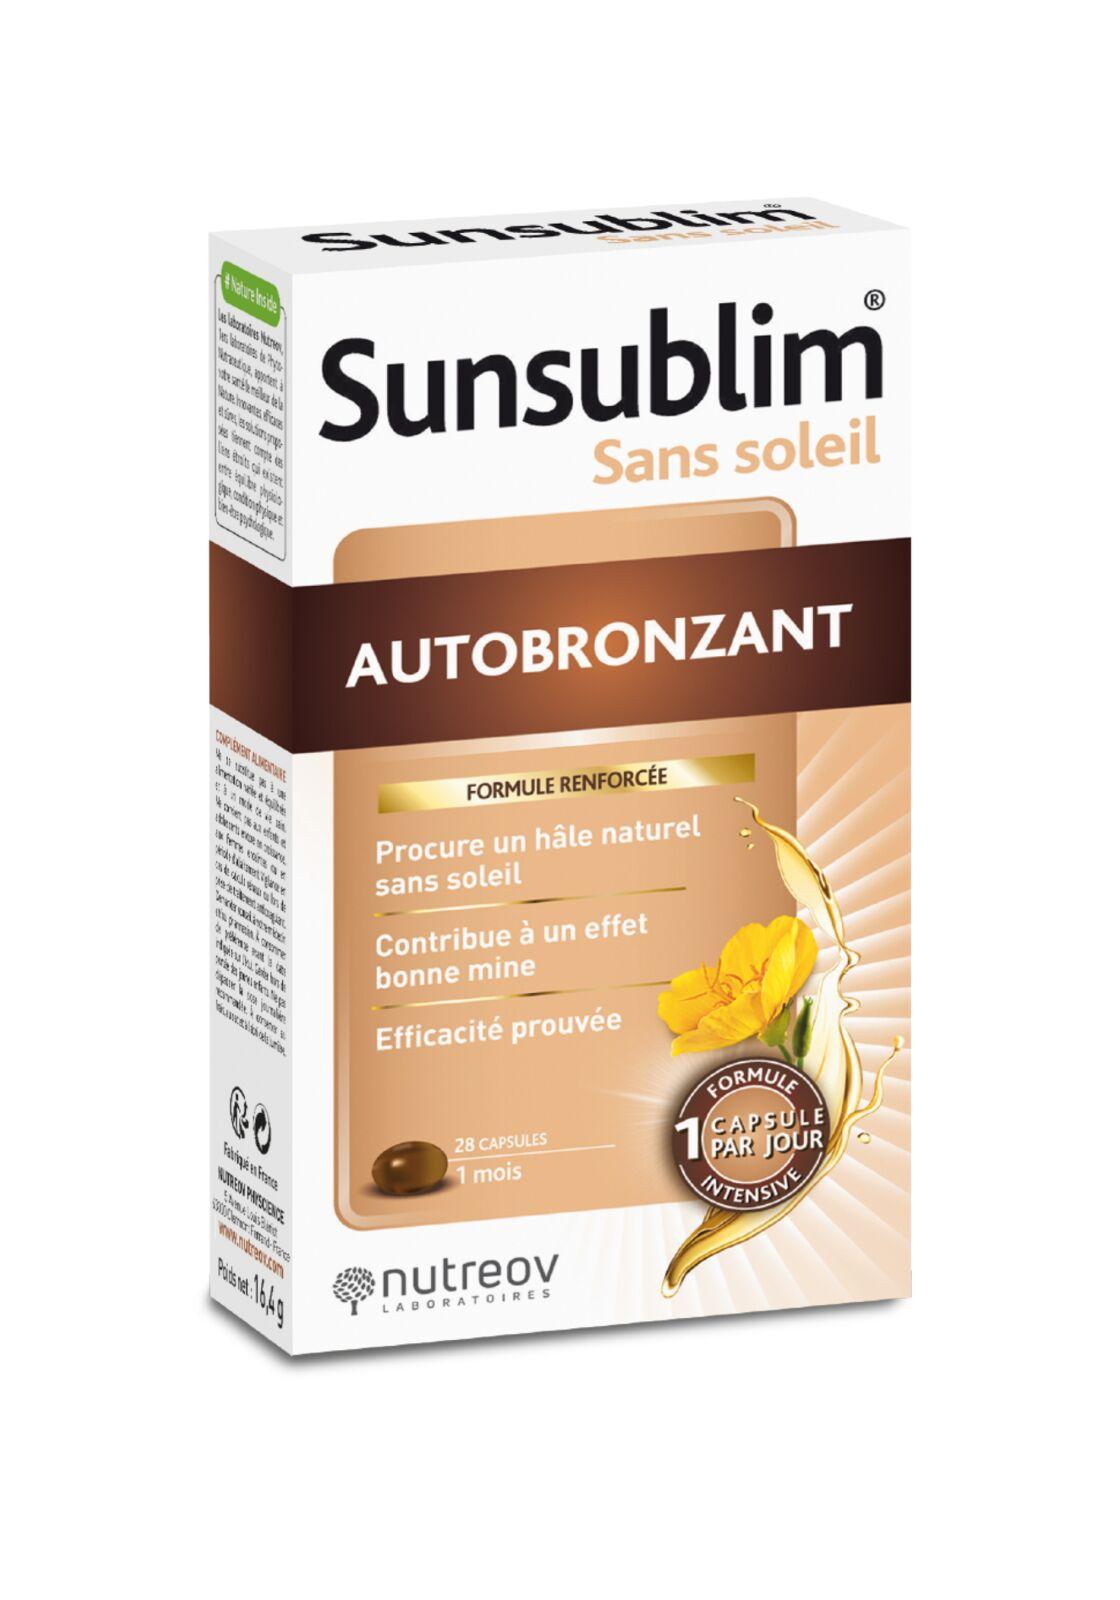 L'autobronzant Sunsublim des laboratoires Nutreov, 13 € la boîte de 28 gélules.